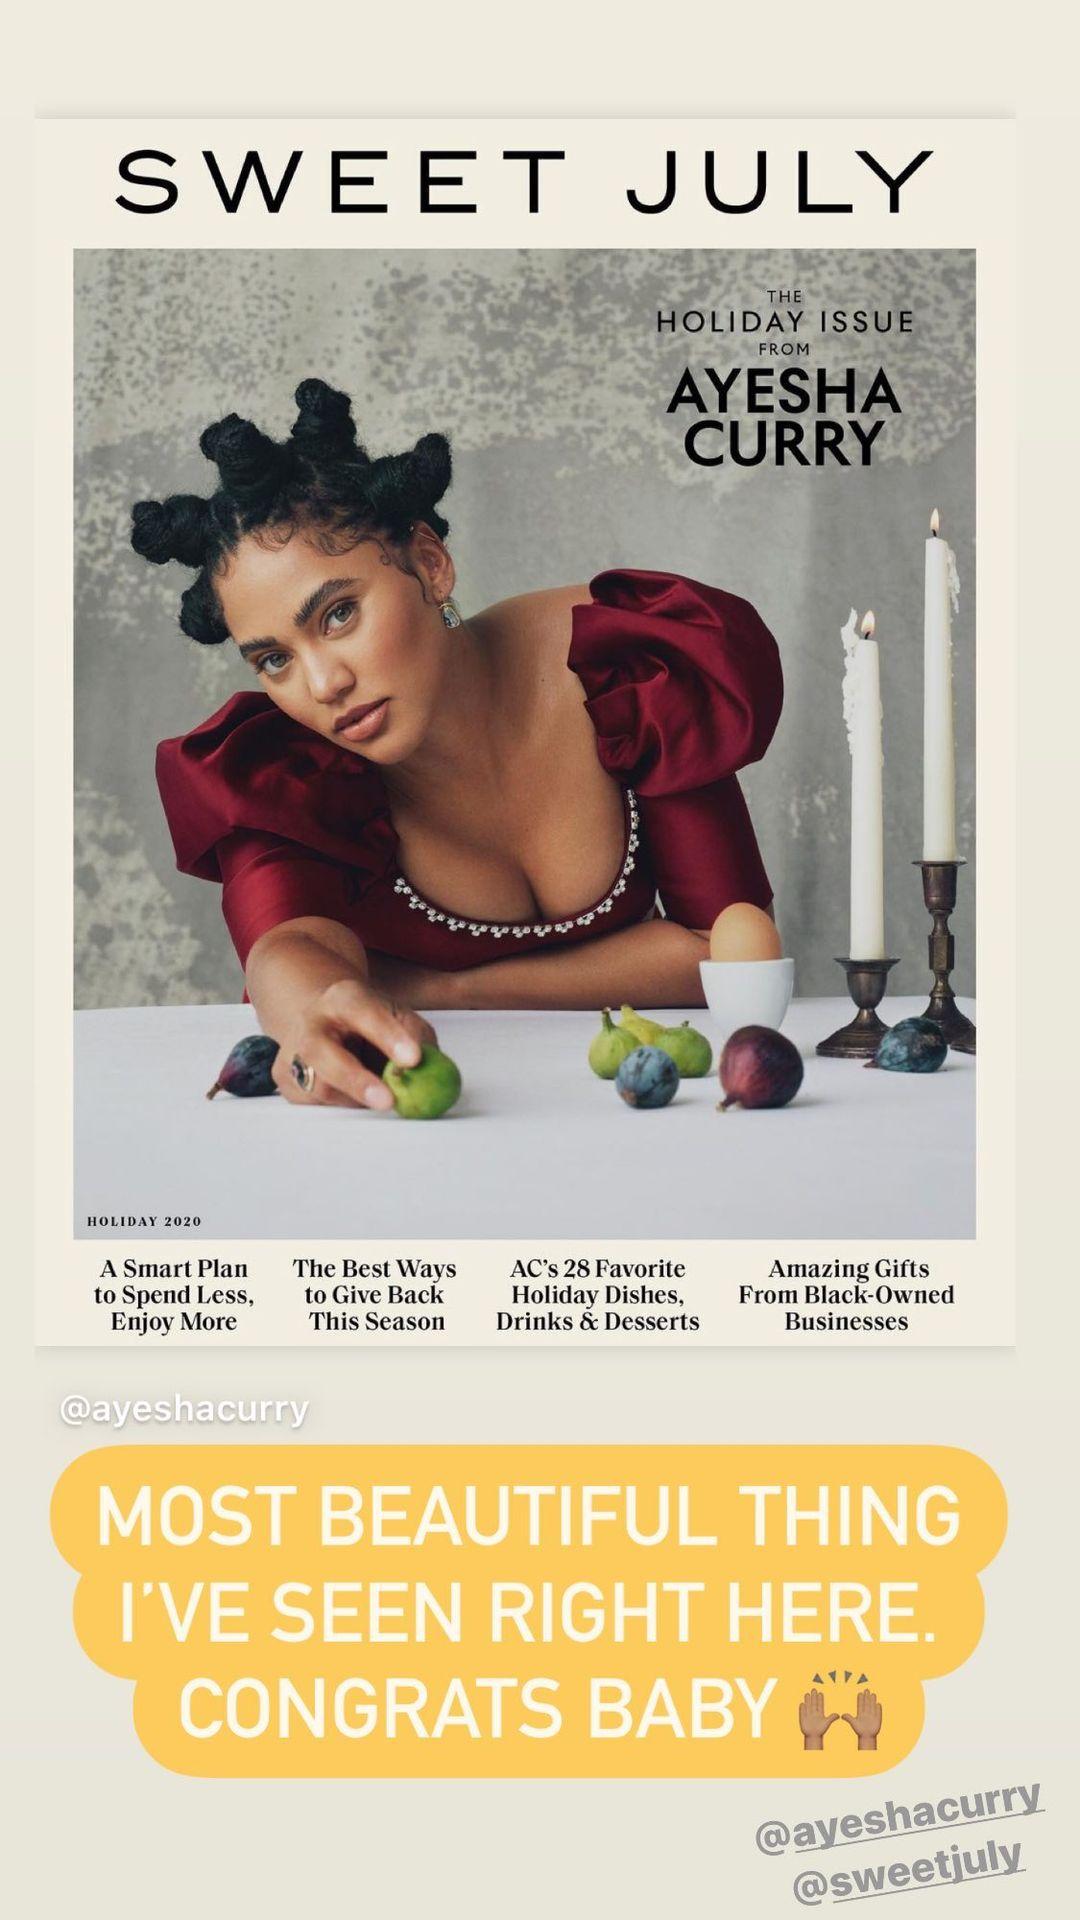 库里转发妻子的杂志封面照:我见过最漂亮的!祝贺你宝贝